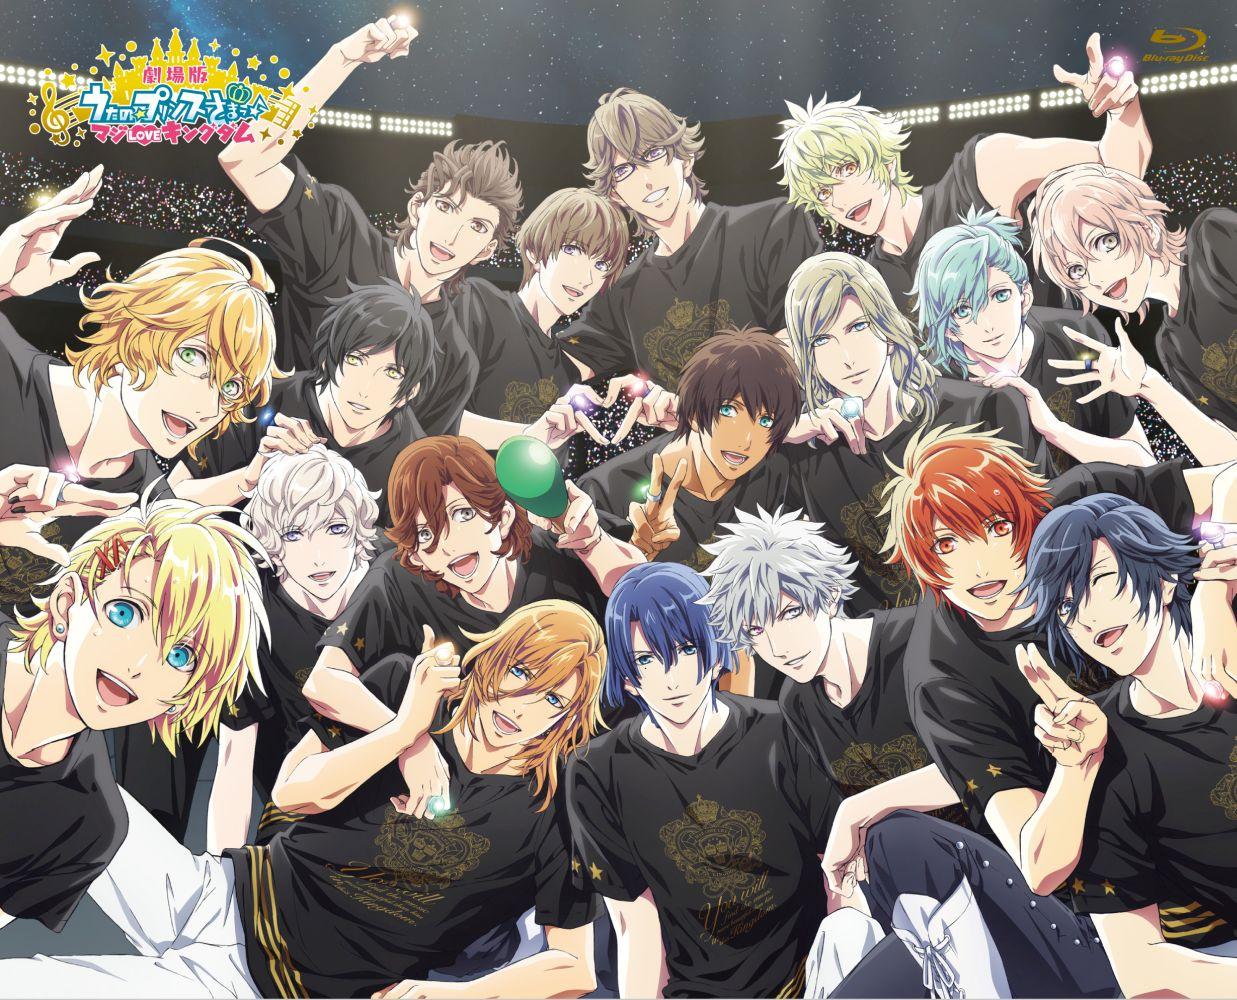 劇場版 うたの☆プリンスさまっ♪ マジLOVEキングダム 初回限定版【Blu-ray】